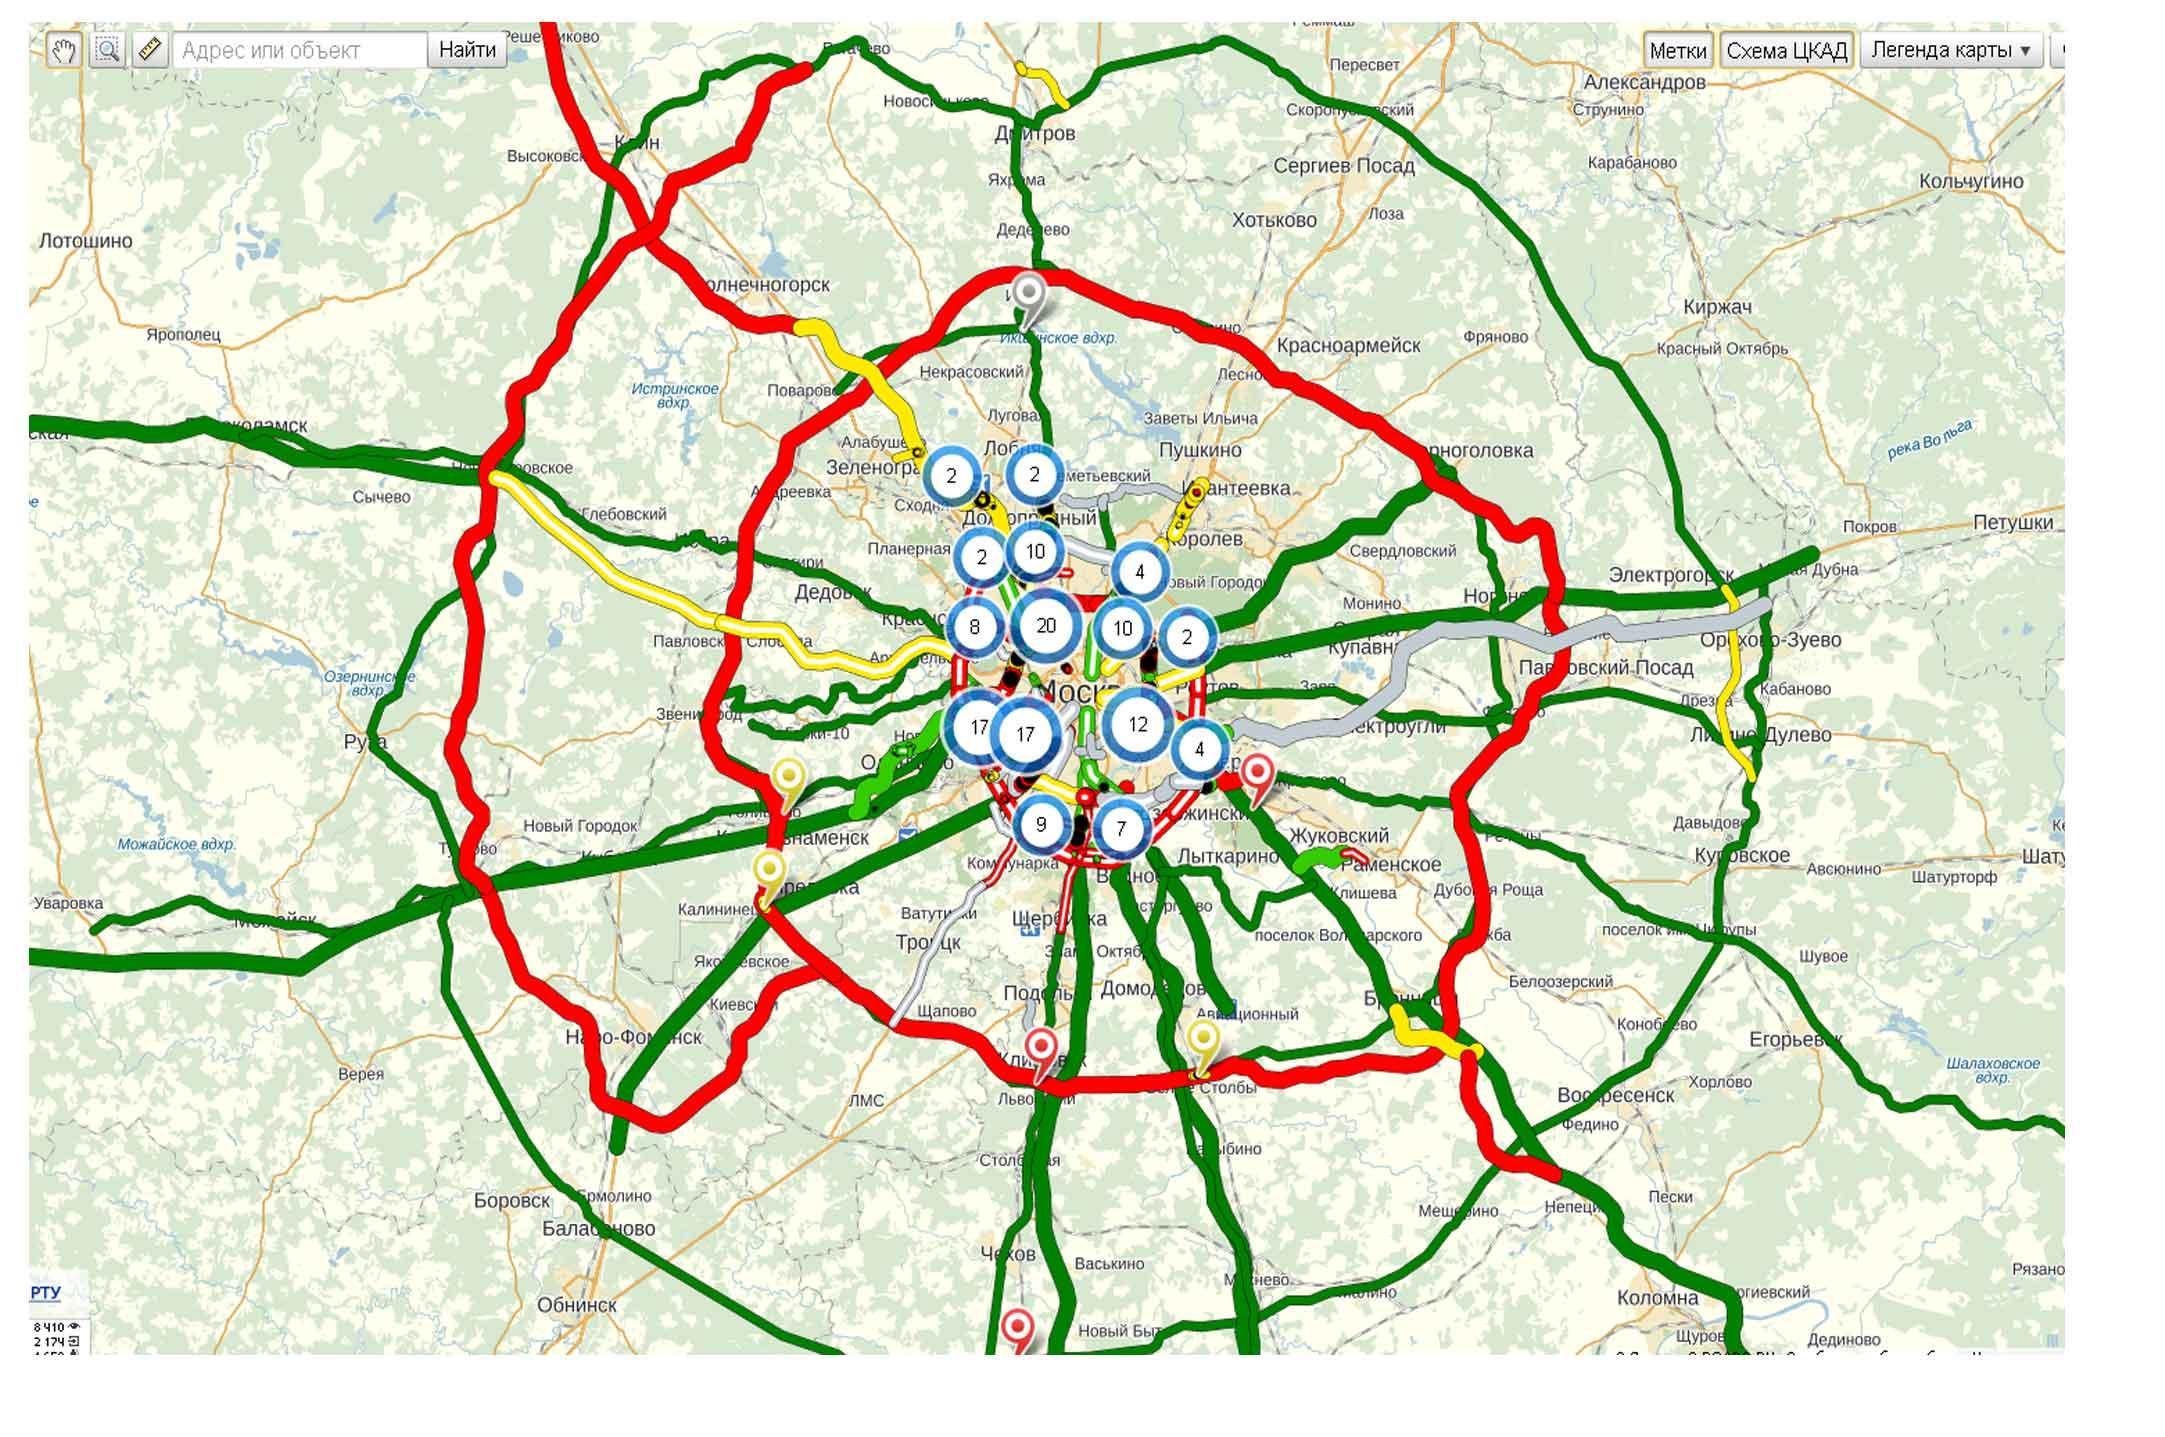 Схема кольцевой автомобильной дороги